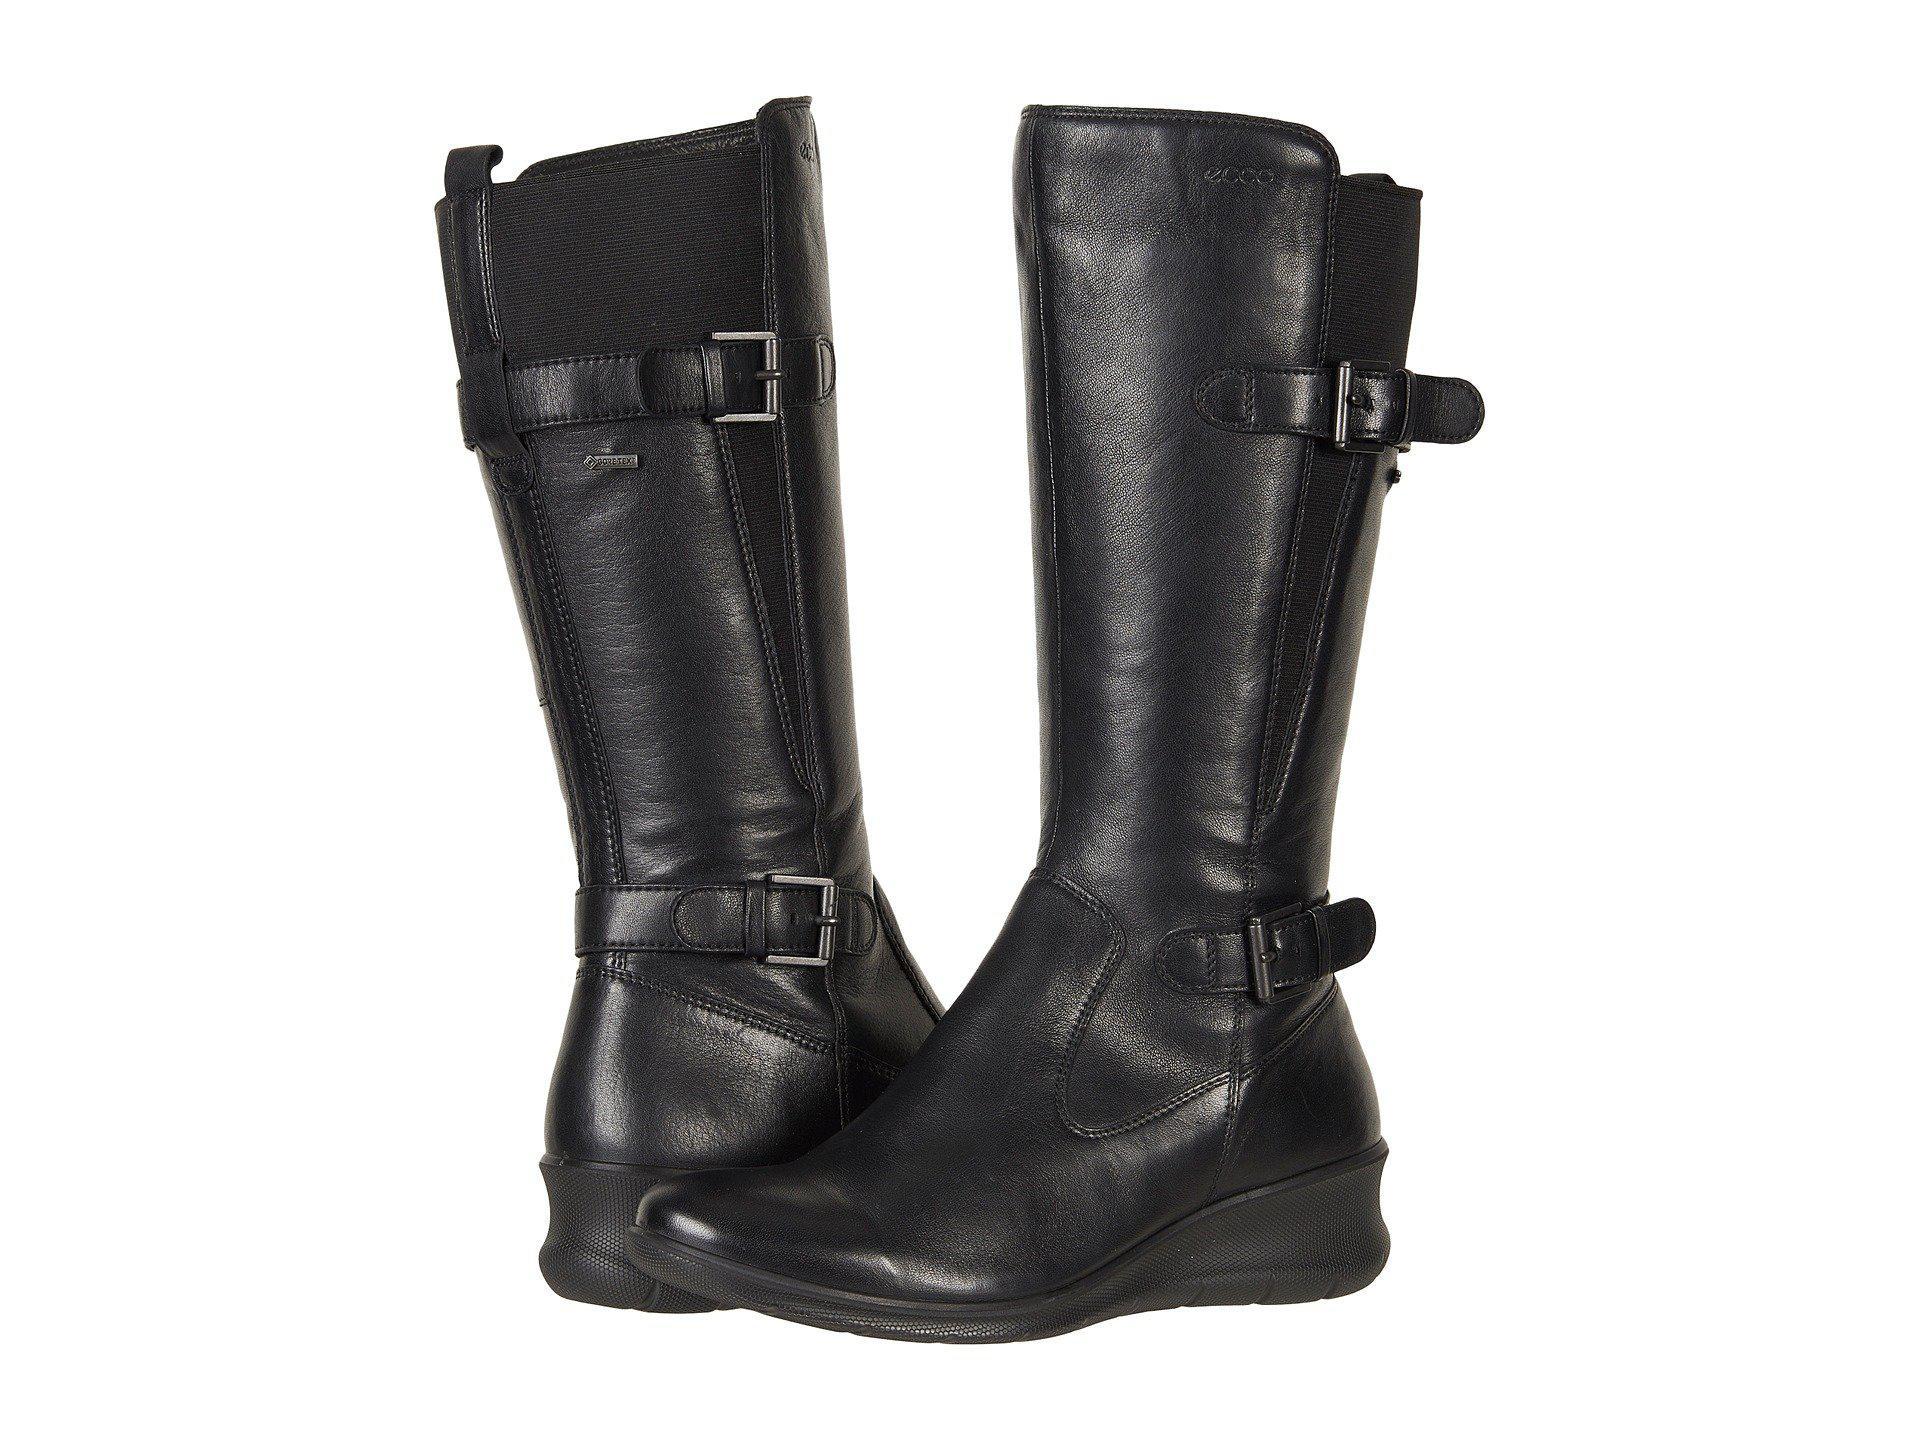 9ce3dddbd3f Lyst - Ecco Babett Wedge Gtx Boot in Black